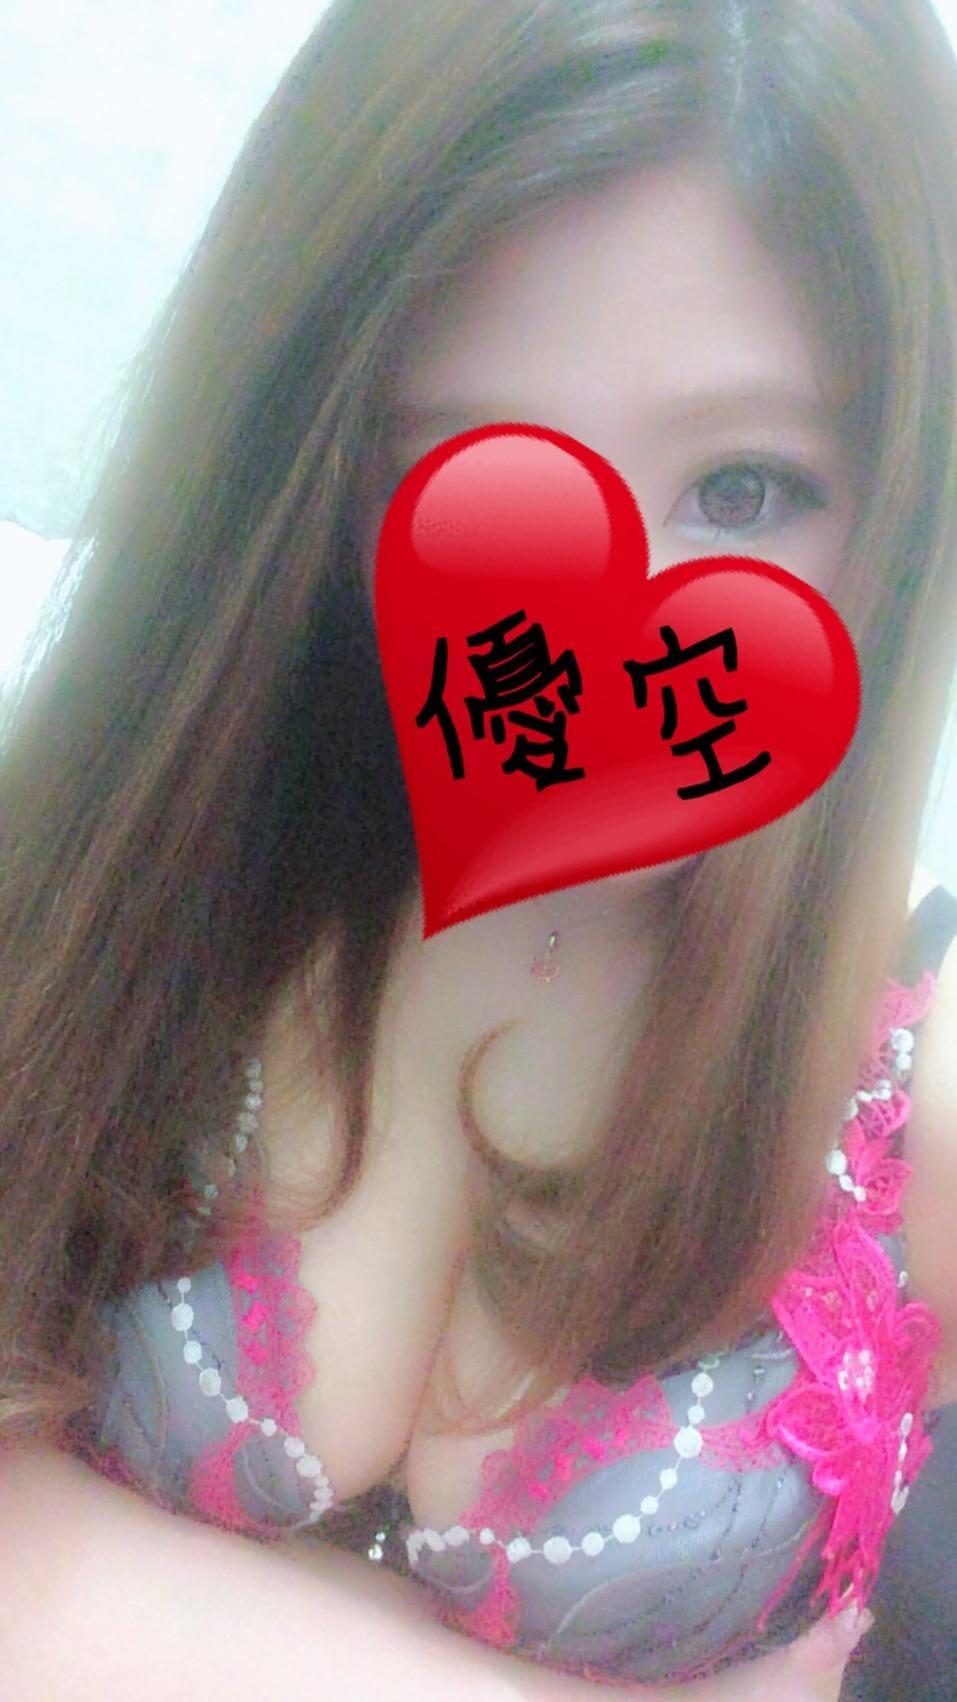 「やっほー」08/01(08/01) 18:32 | 優空(そら)【要予約】5/16入店の写メ・風俗動画